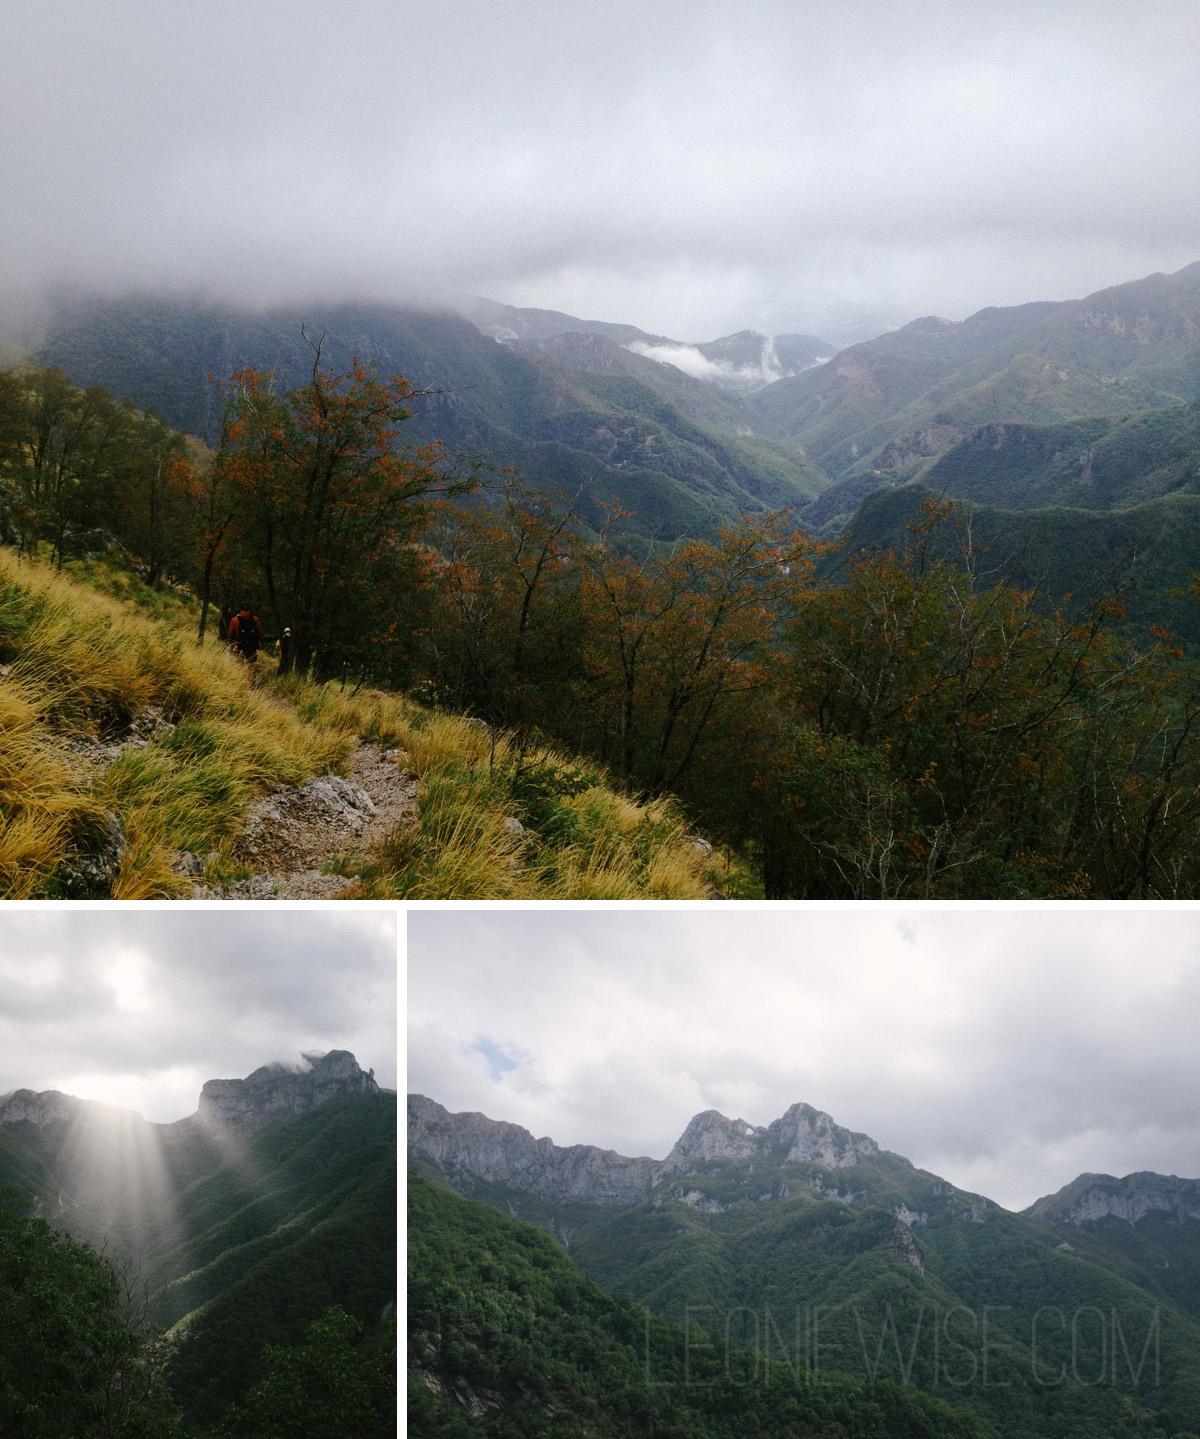 LeonieWise_WalkLikeAnItalian_AlpiApuane-9